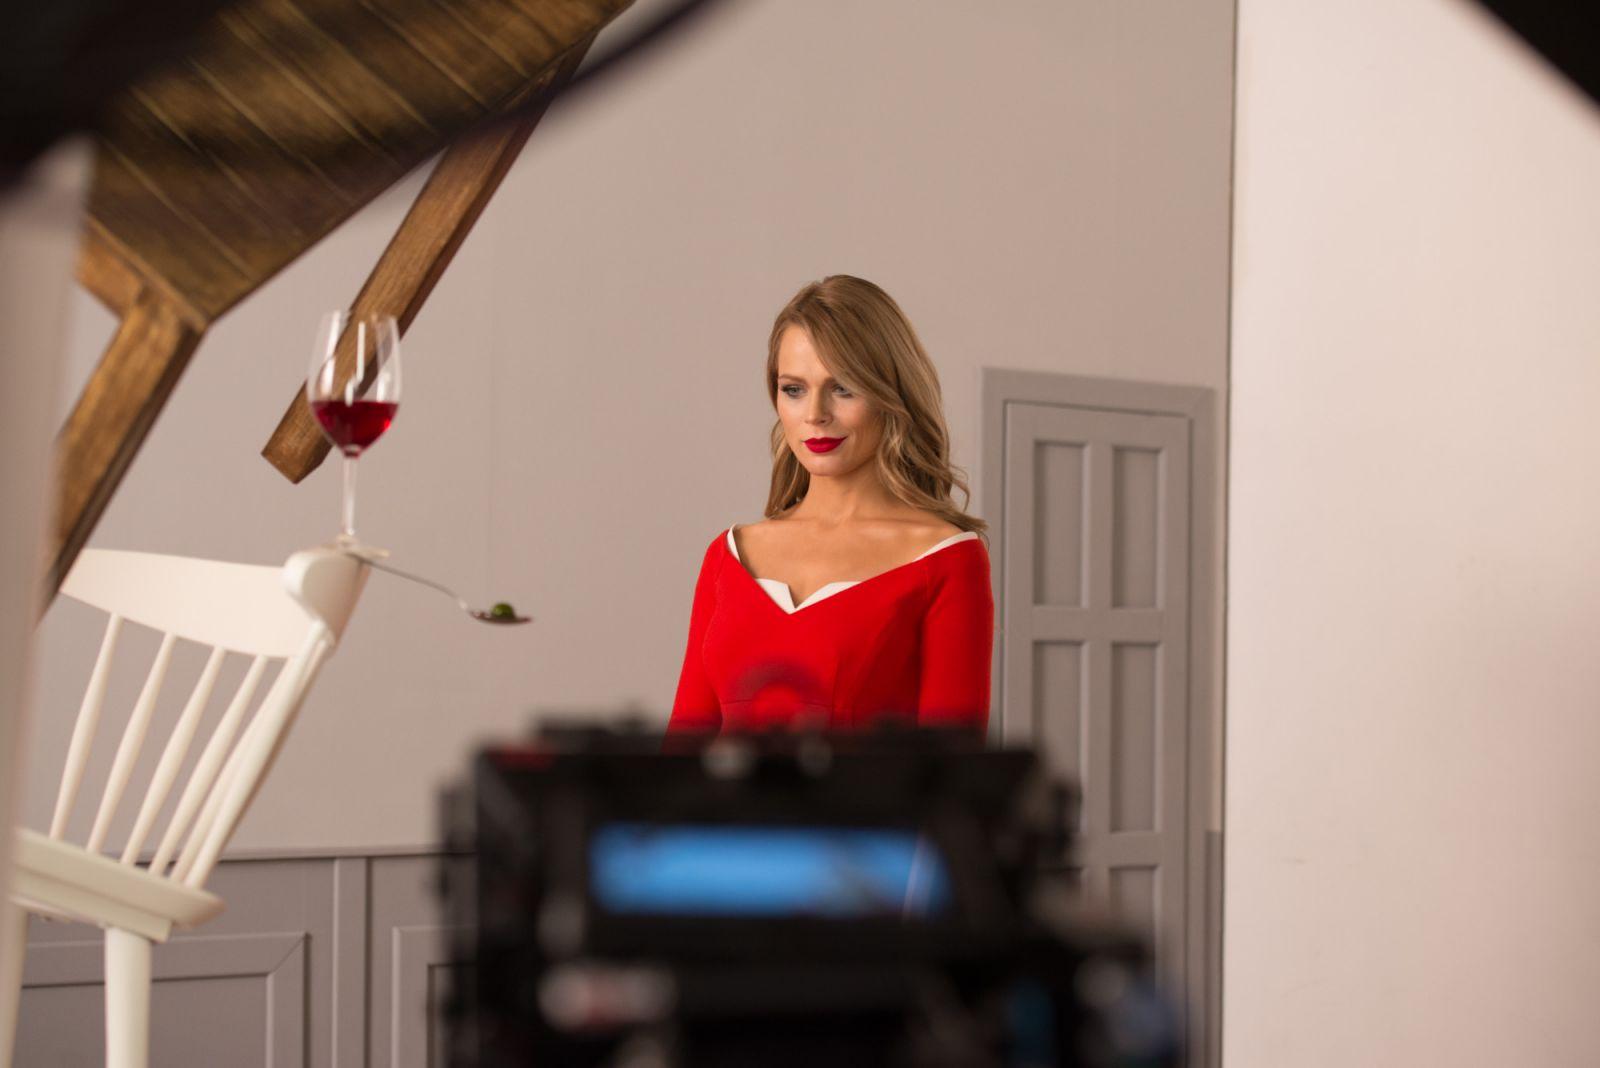 Беременная Ольга Фреймут показала животик на сьемках нового реалити-шоу